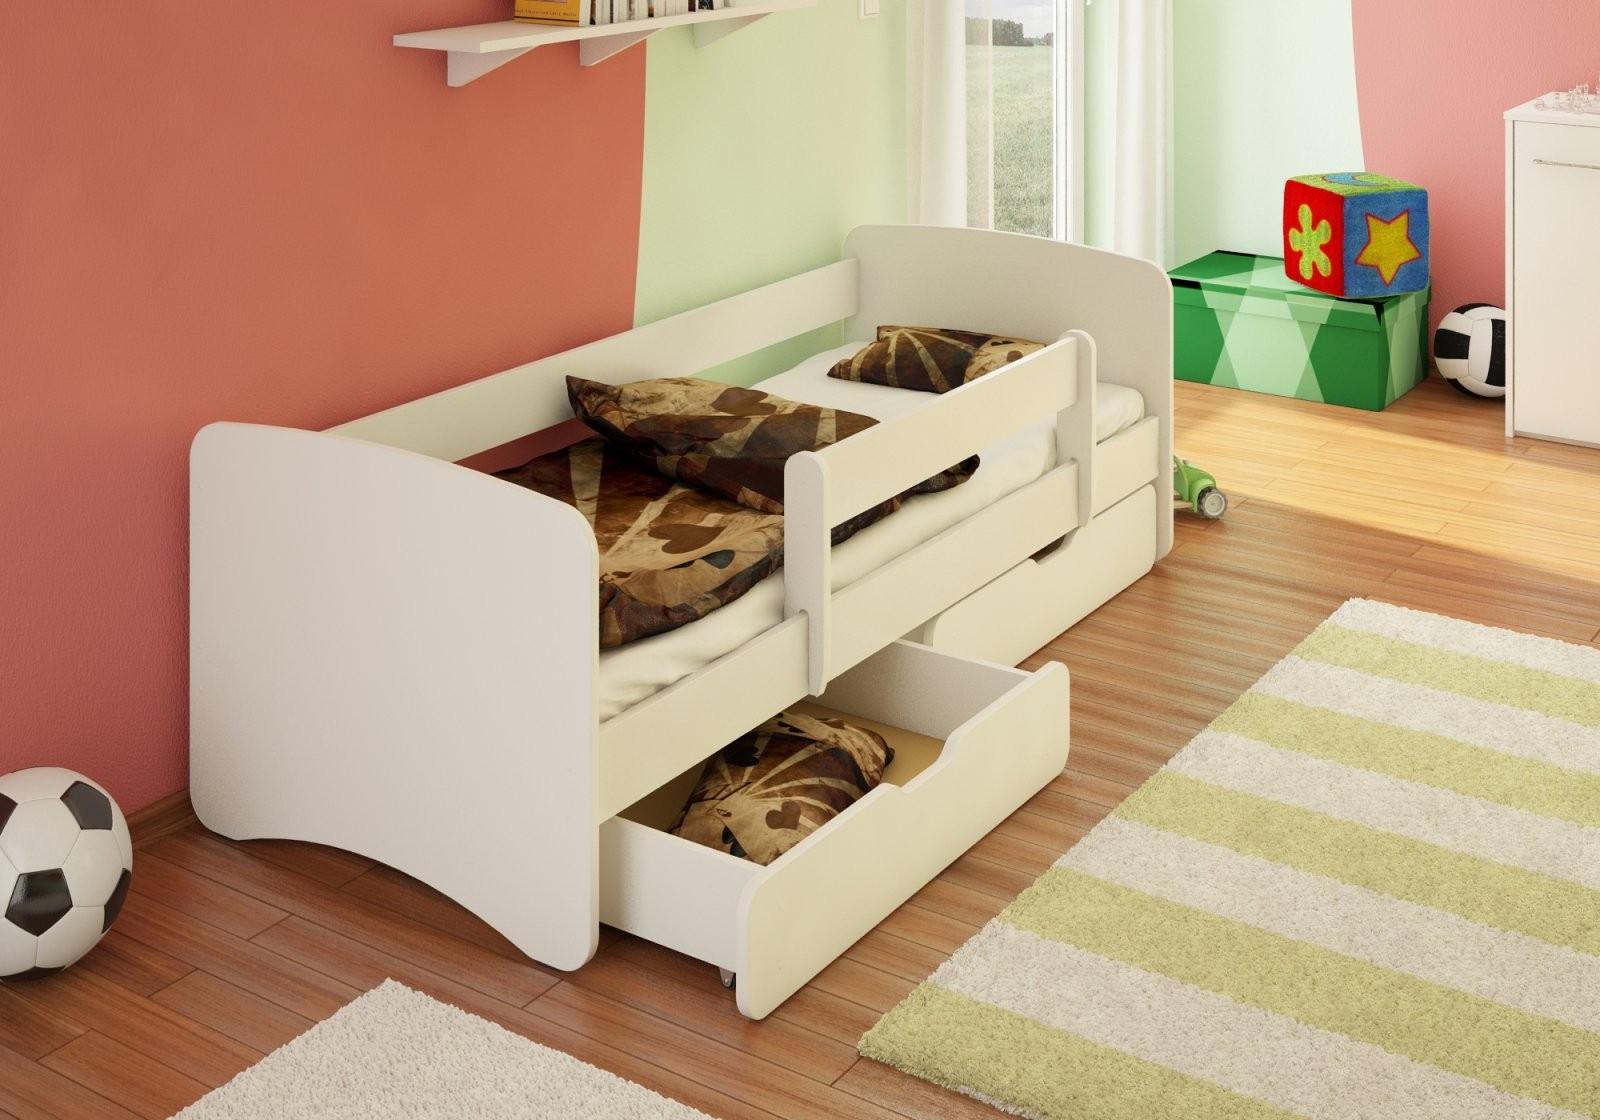 Bfk Best For Kids Kinderbett Jugendbett Weiß Weiss Rausfallschutz von Kinderbett Weiss Mit Schublade Bild